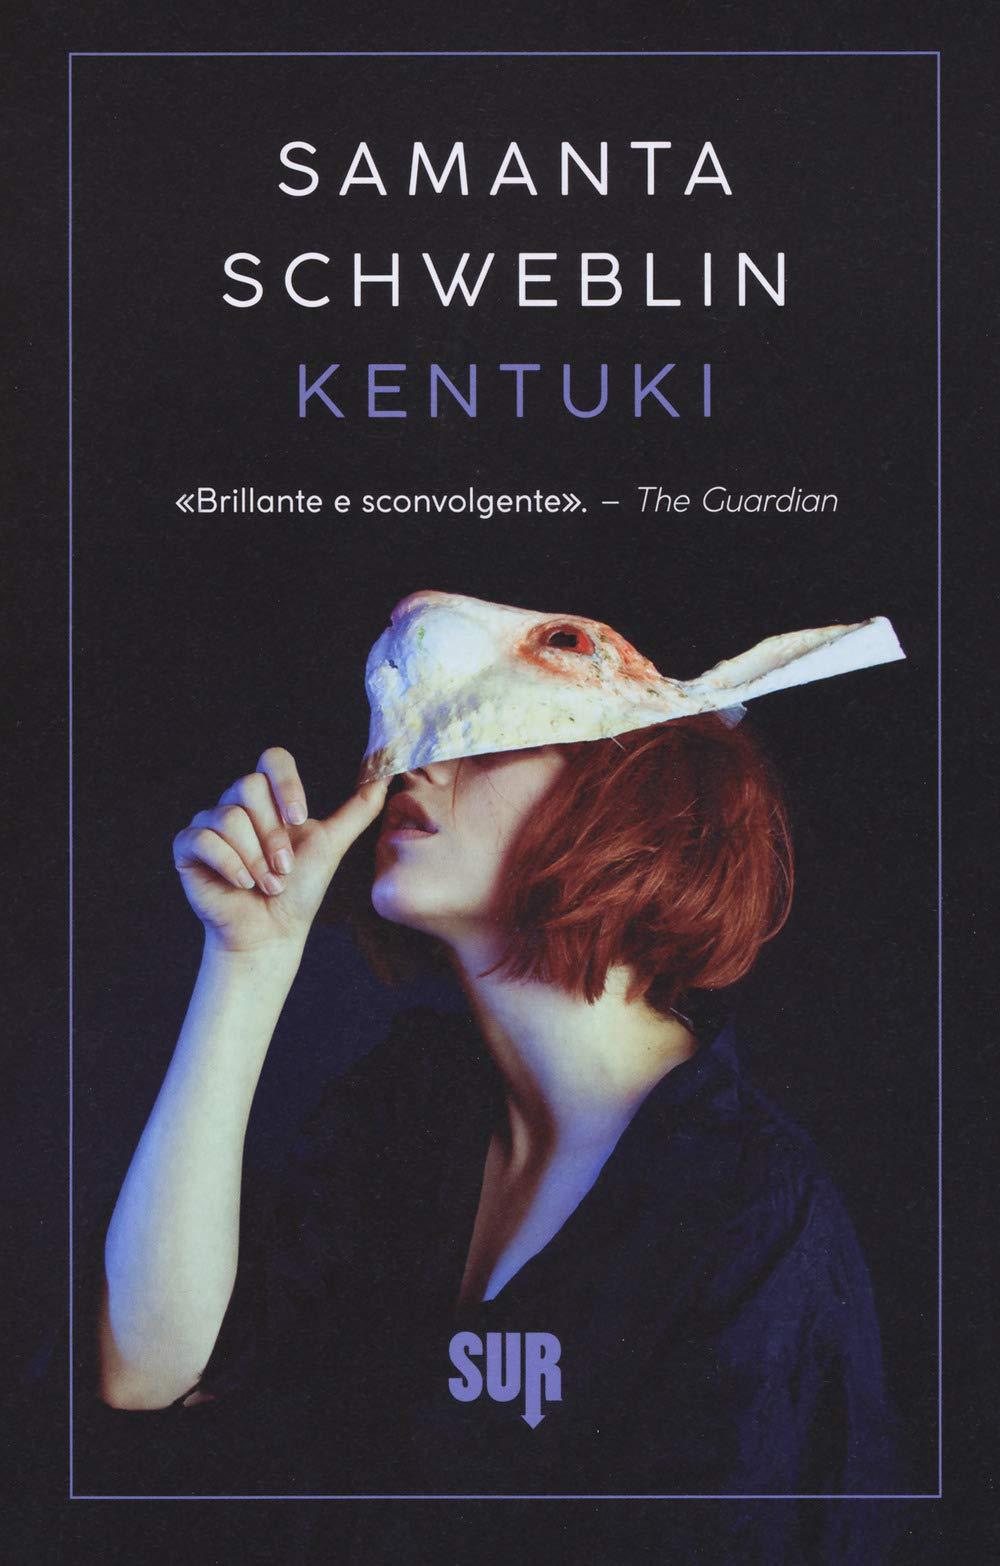 copertina_kentuki